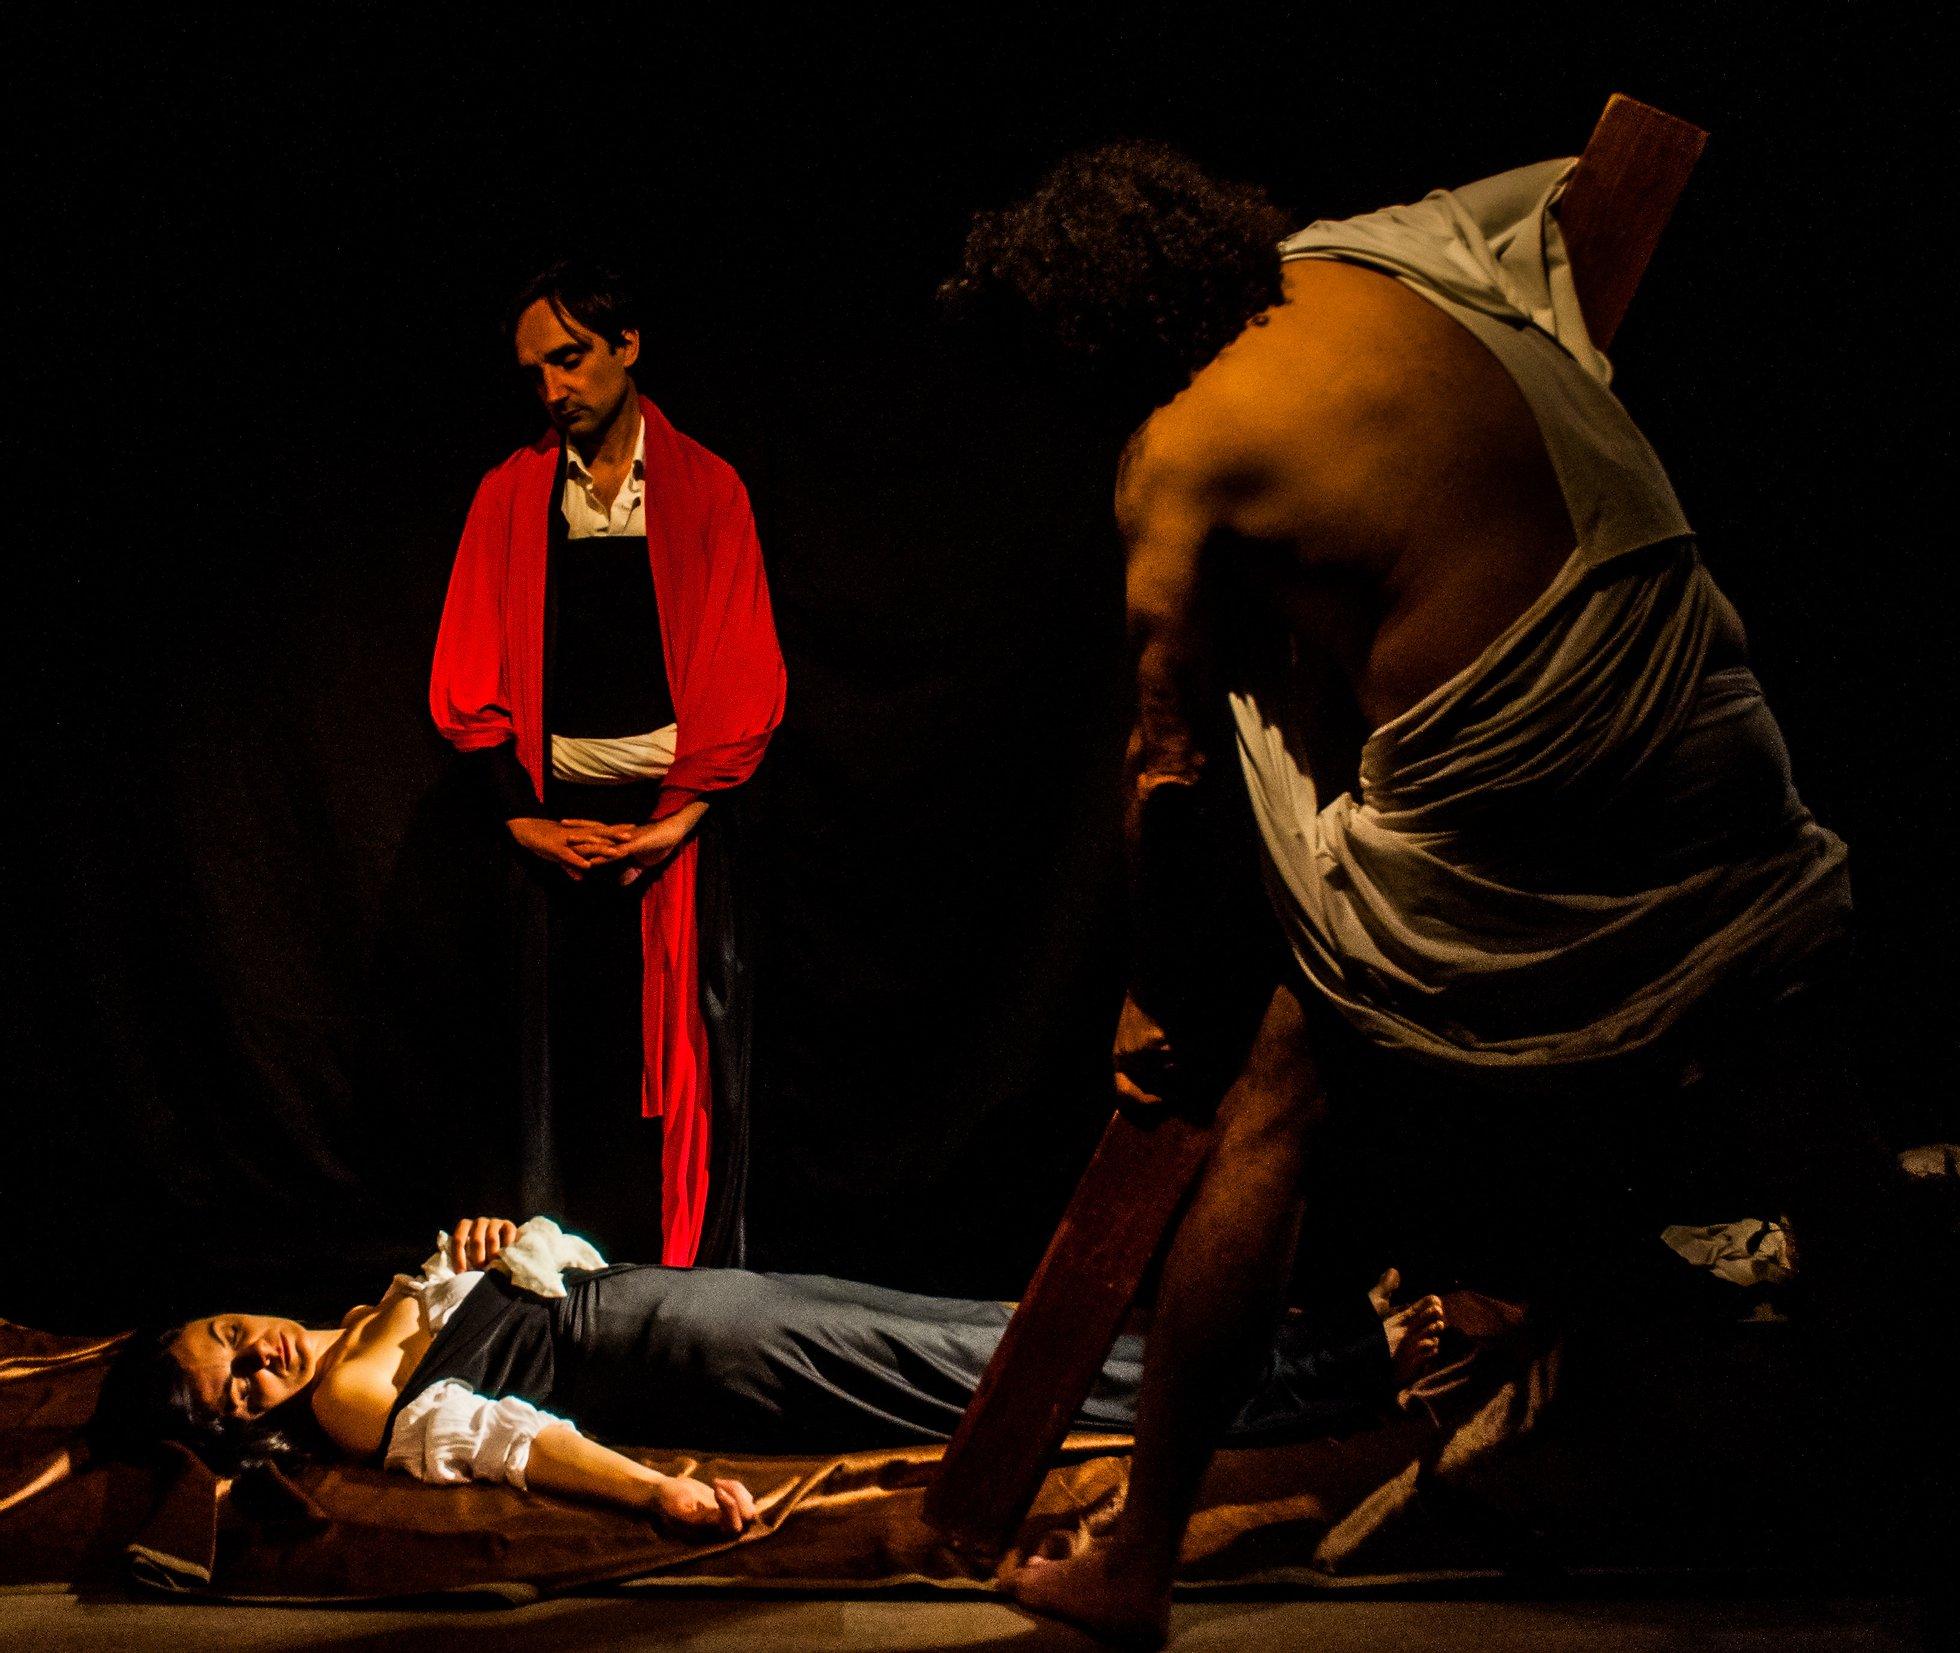 tableau vivant Seppellimento di Santa Lucia Caravaggio